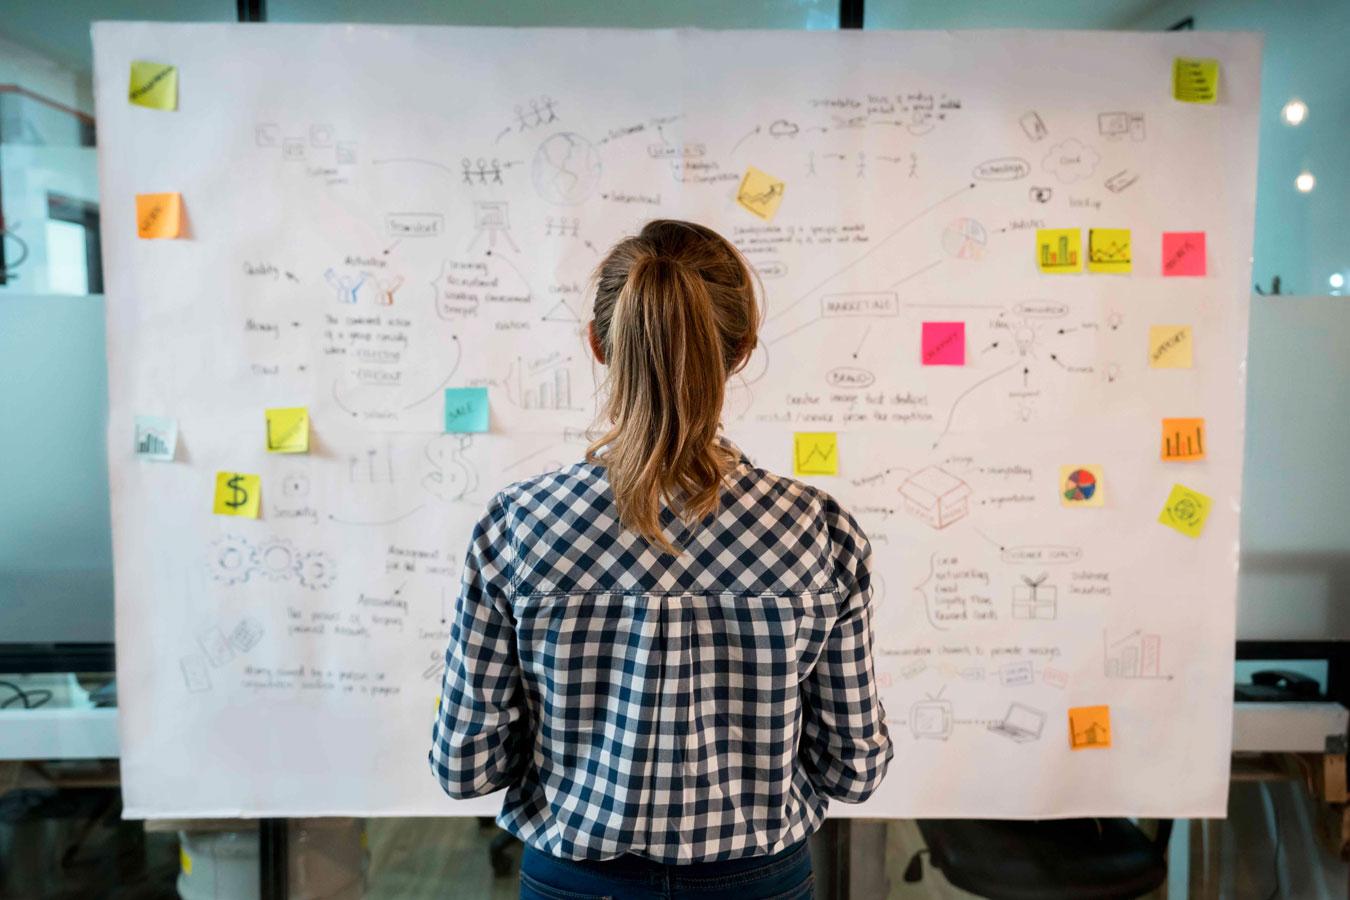 Les 7 grandes tendances du marketing numérique à prendre en compte pour 2020